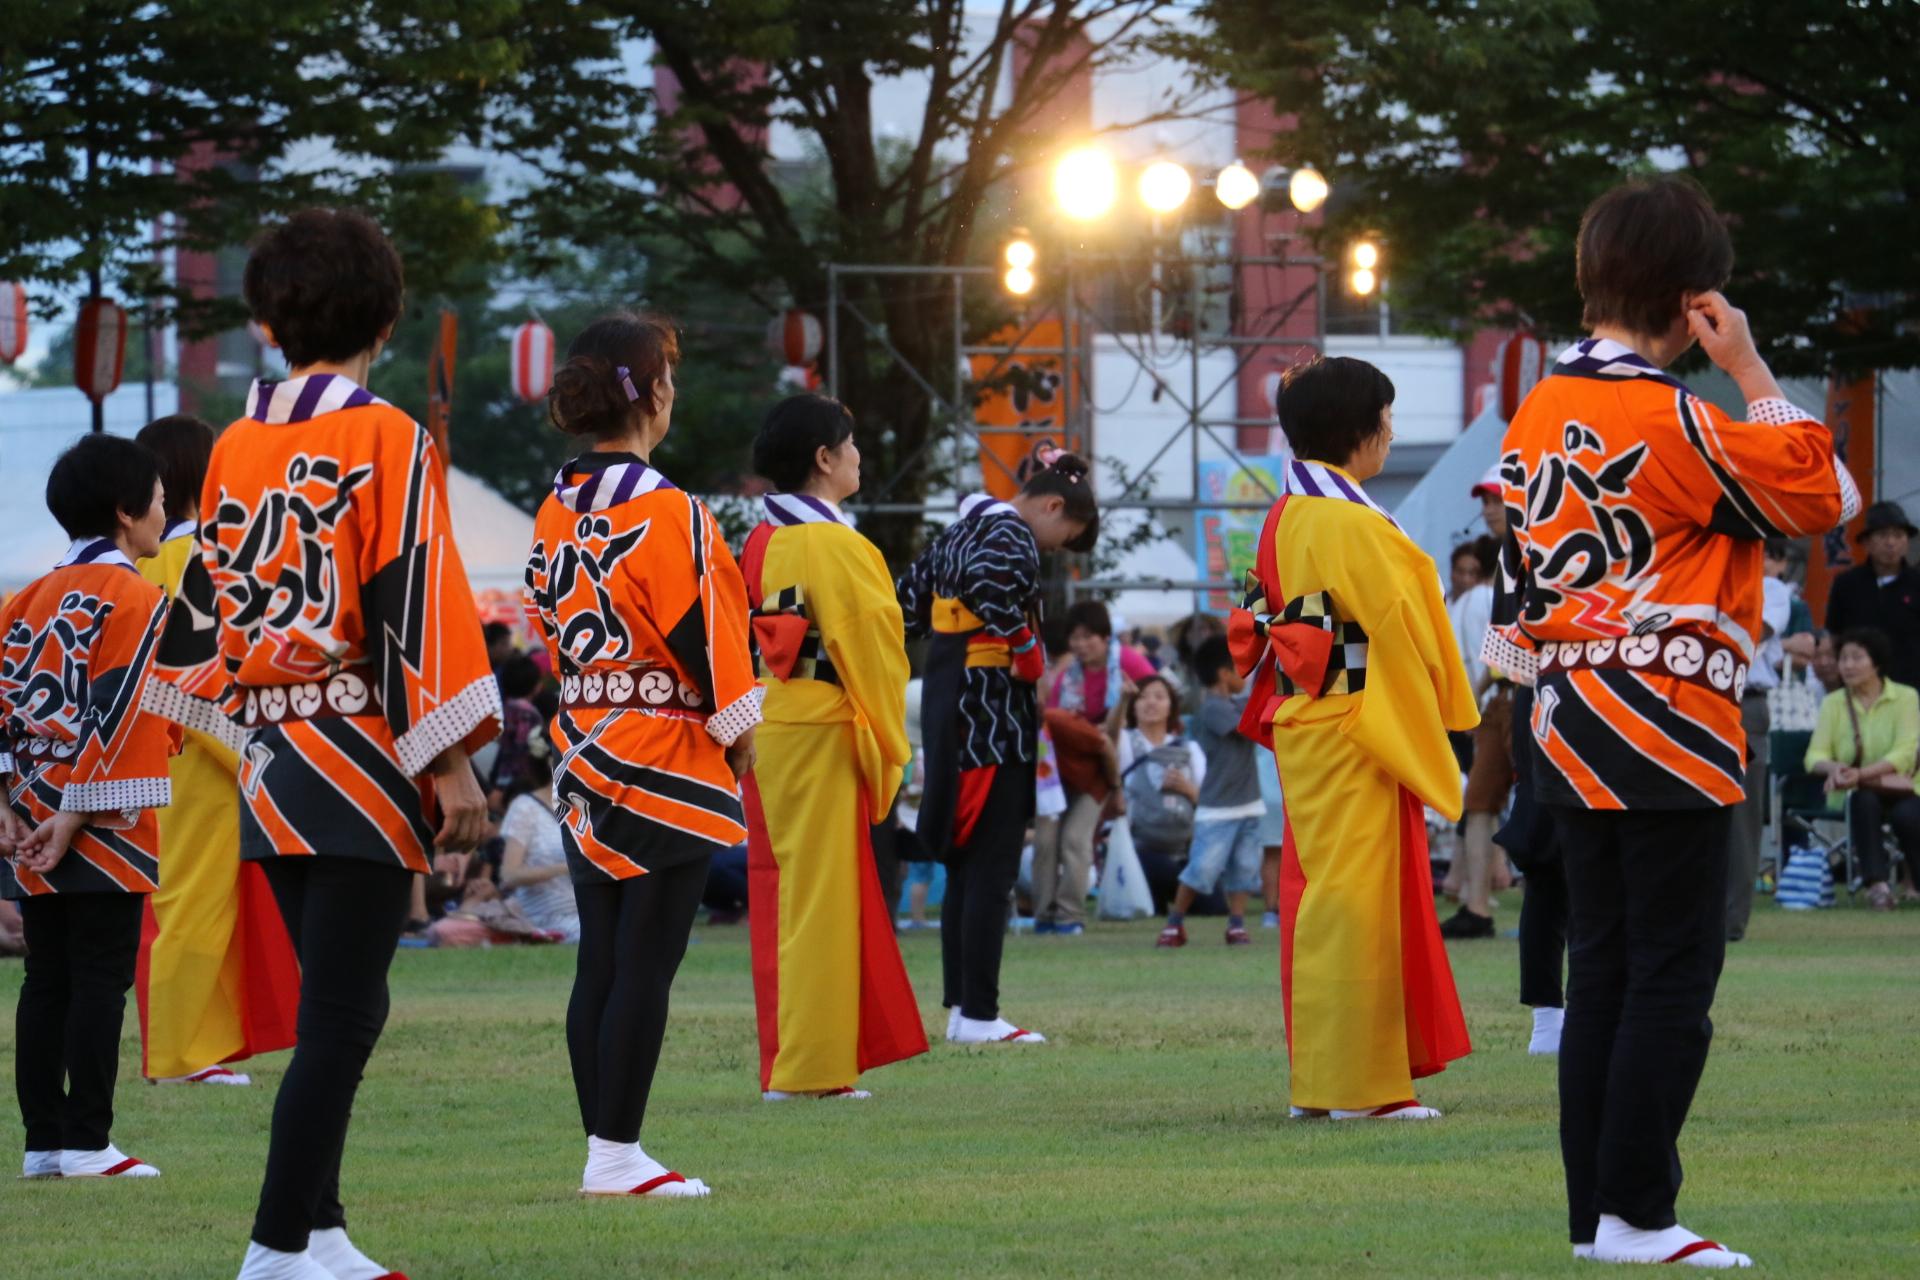 27円満造甚句踊り